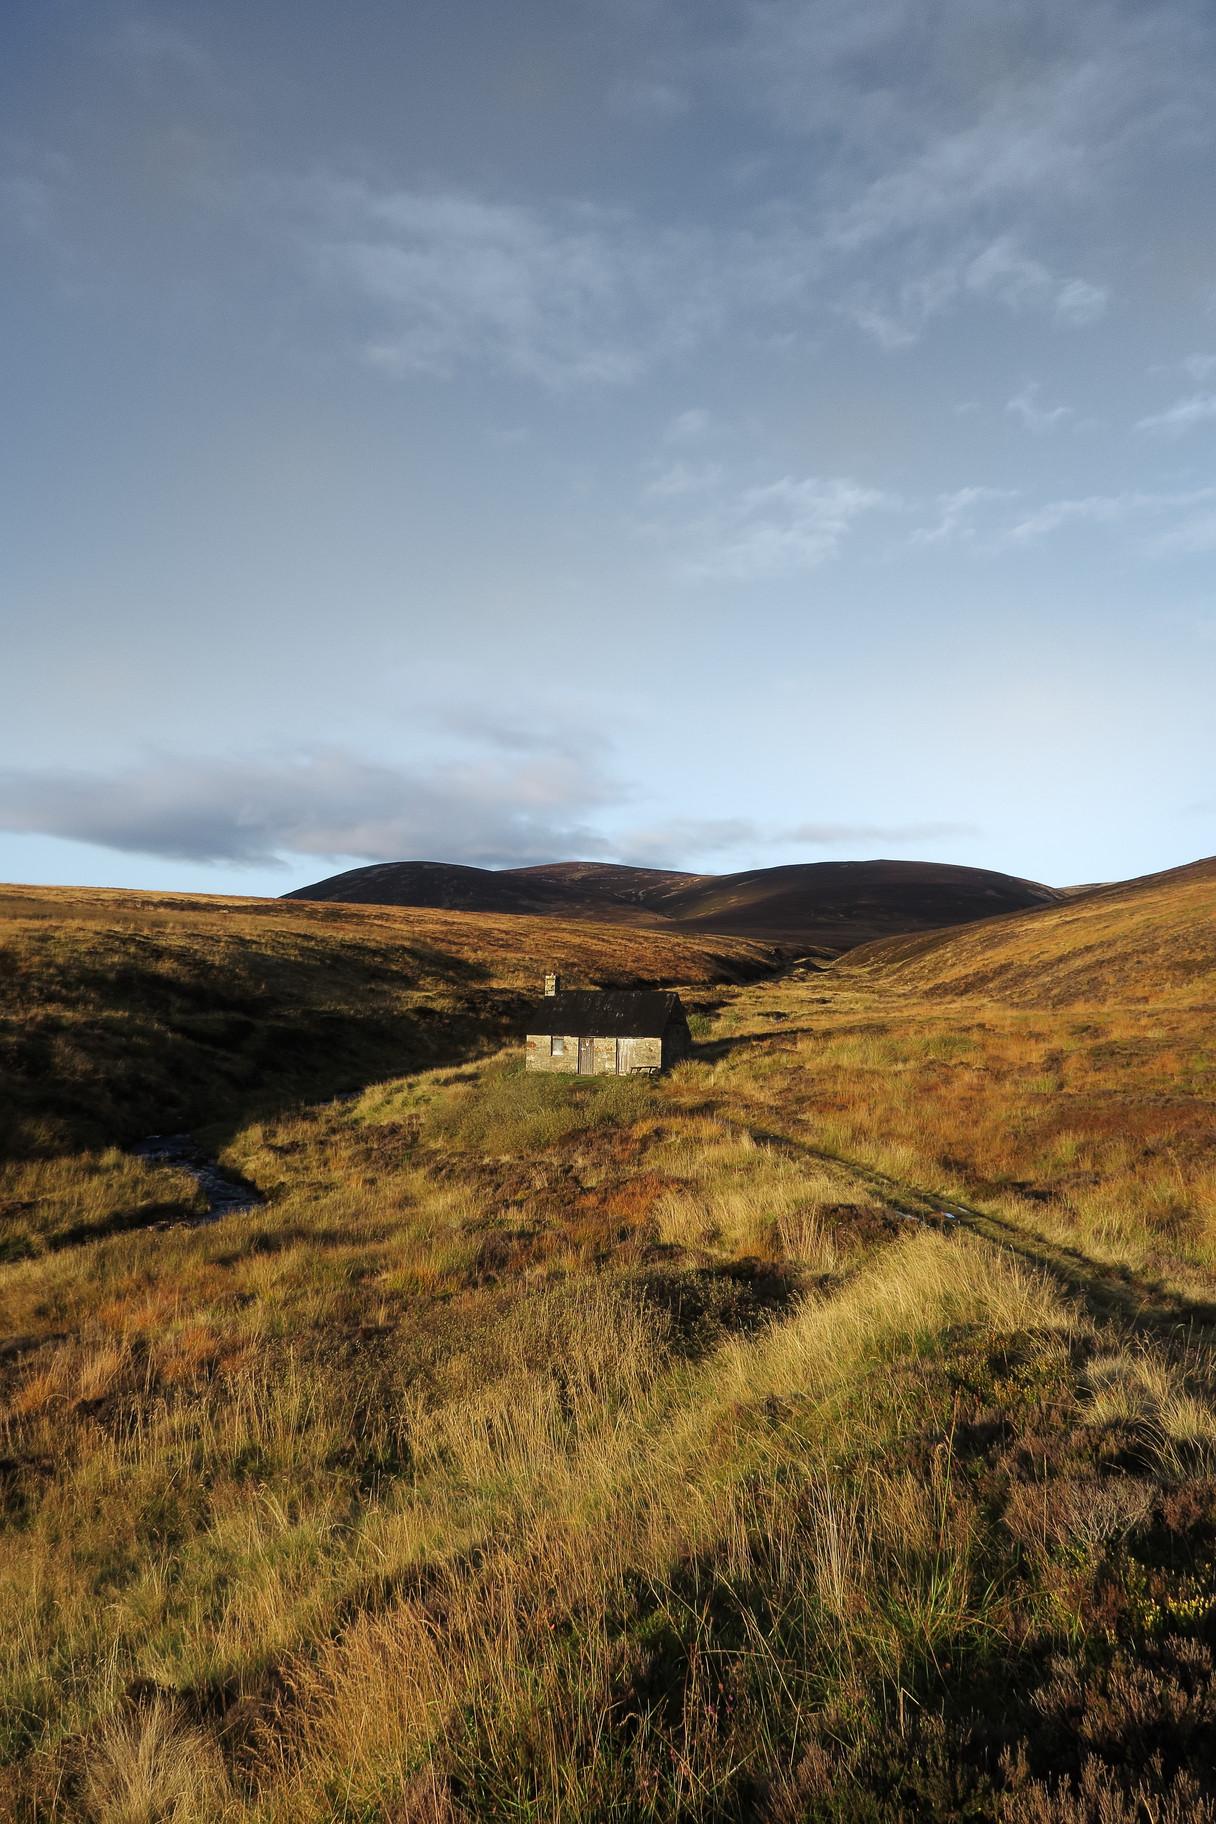 Allt Scheicheachan Bothy, Southern Cairngorms